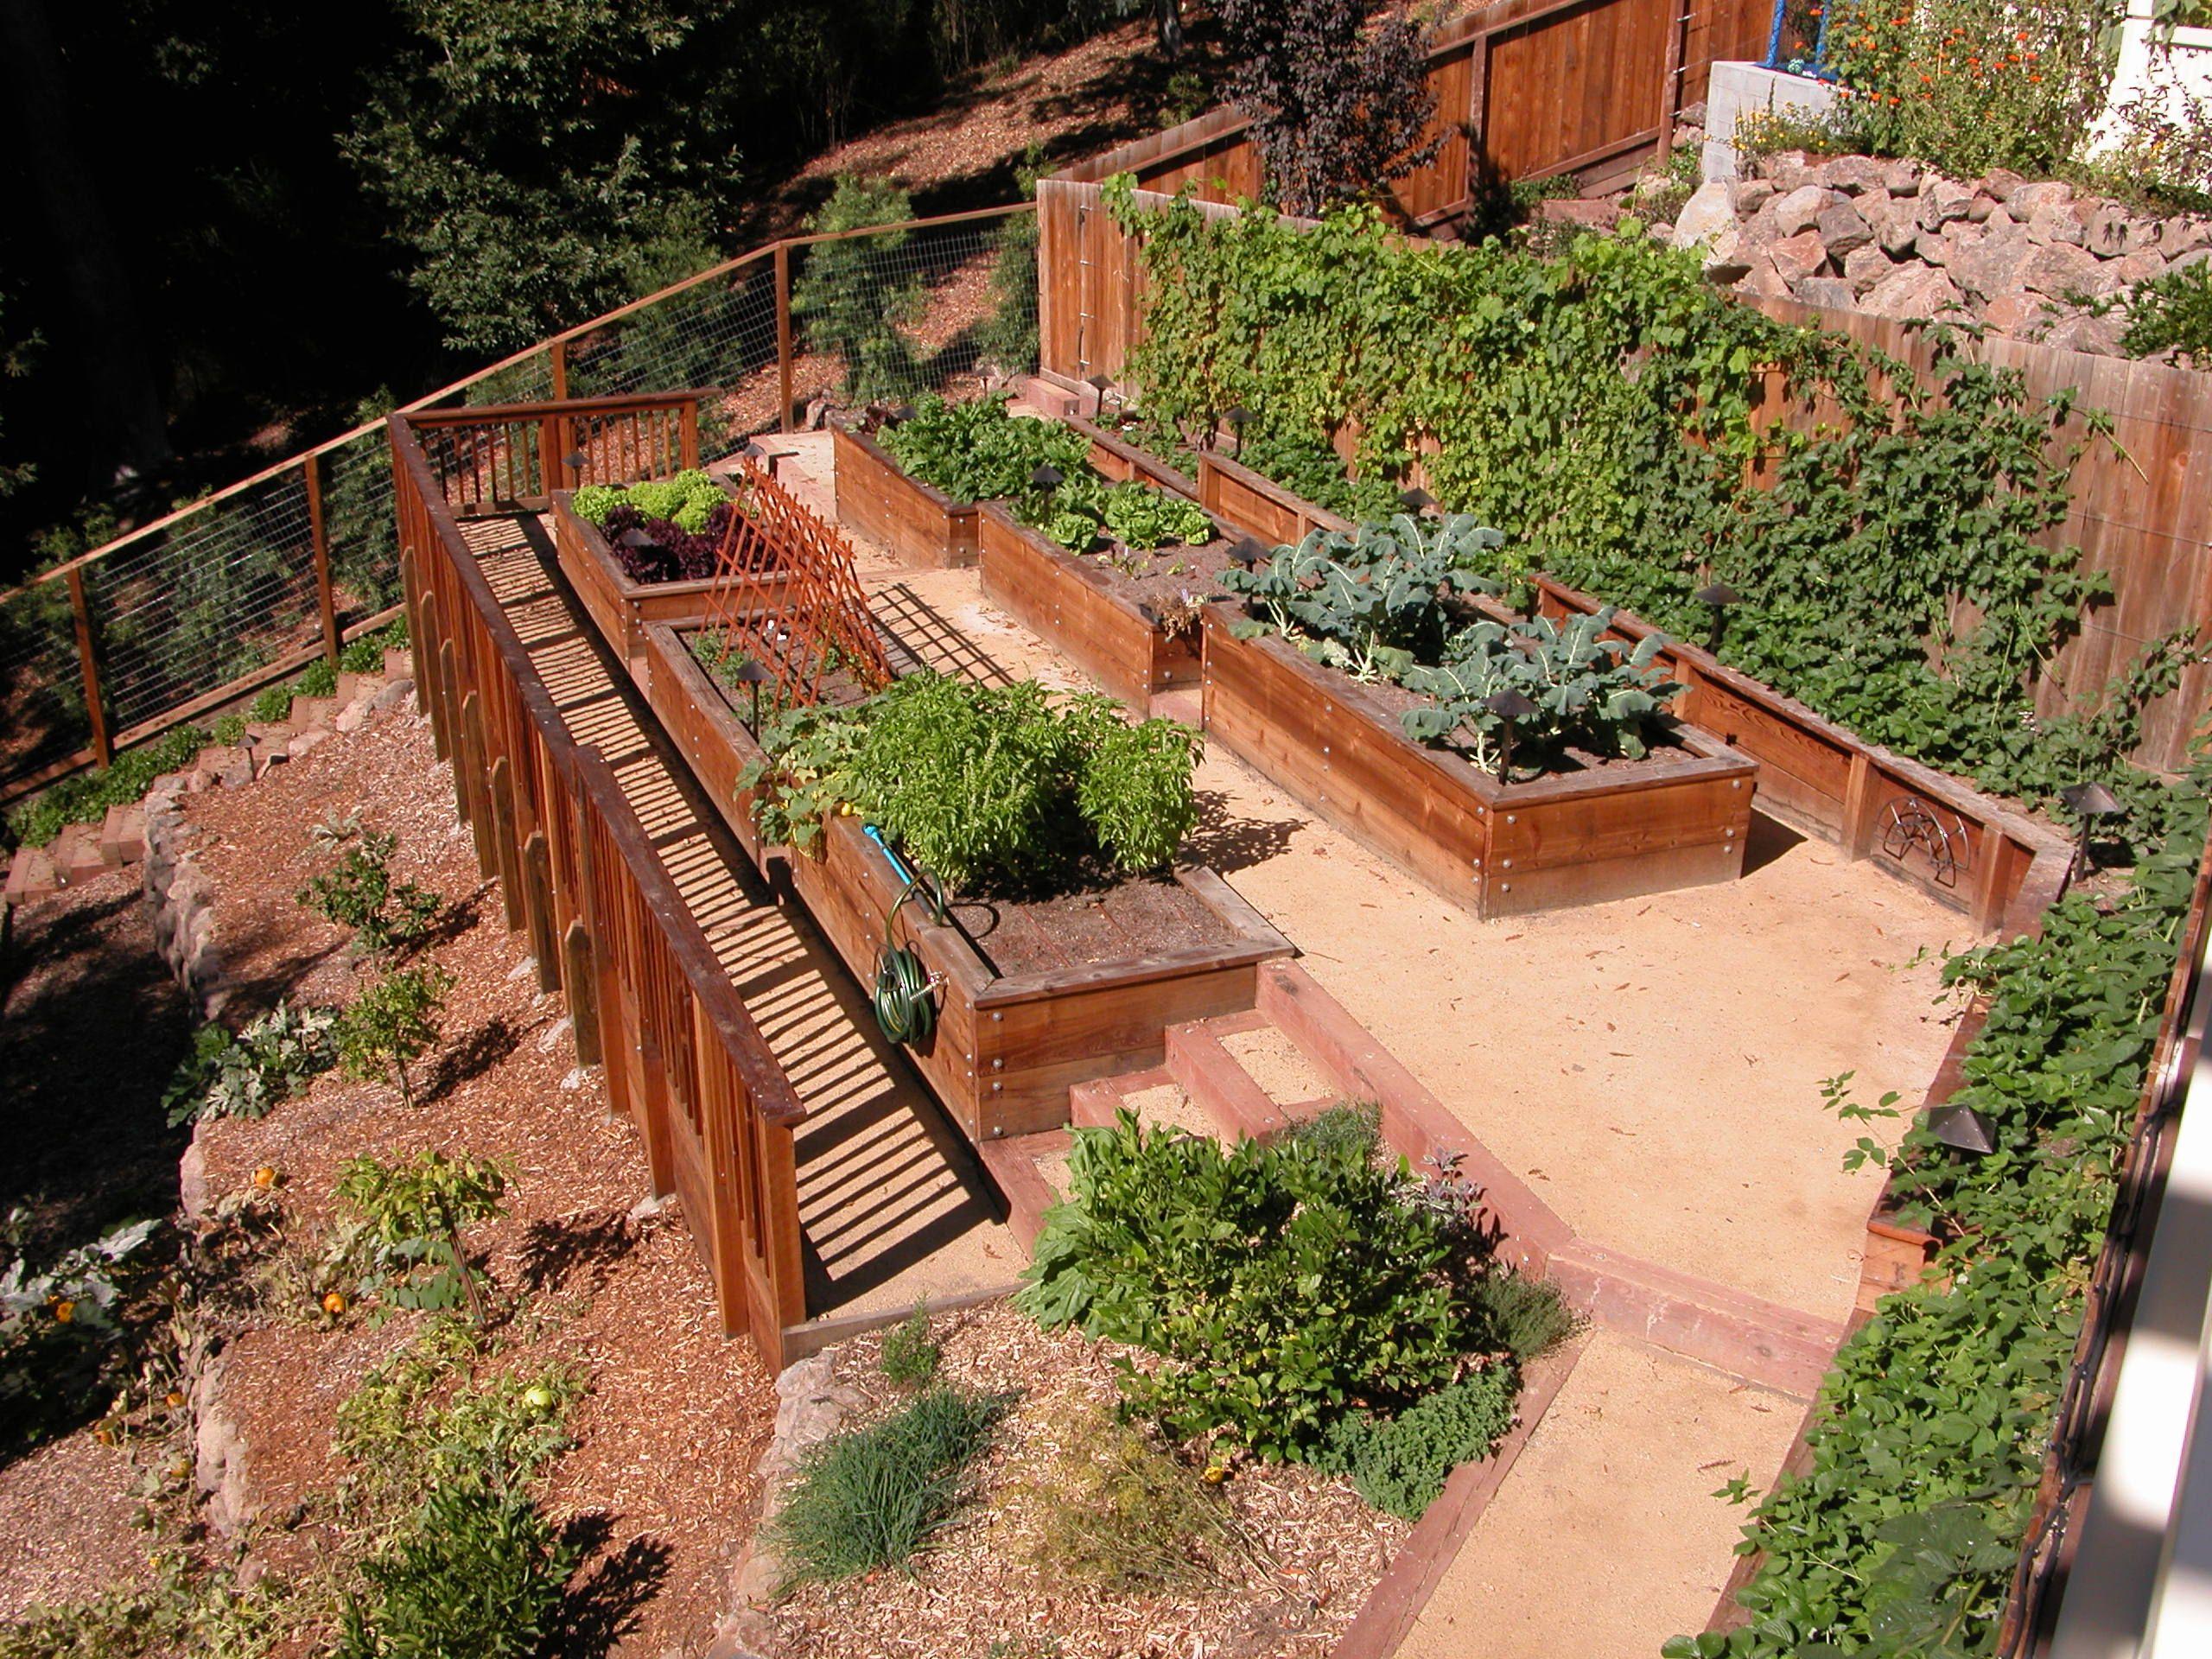 carson kitchen garden 2 hillside garden pinterest on kitchen garden id=67736